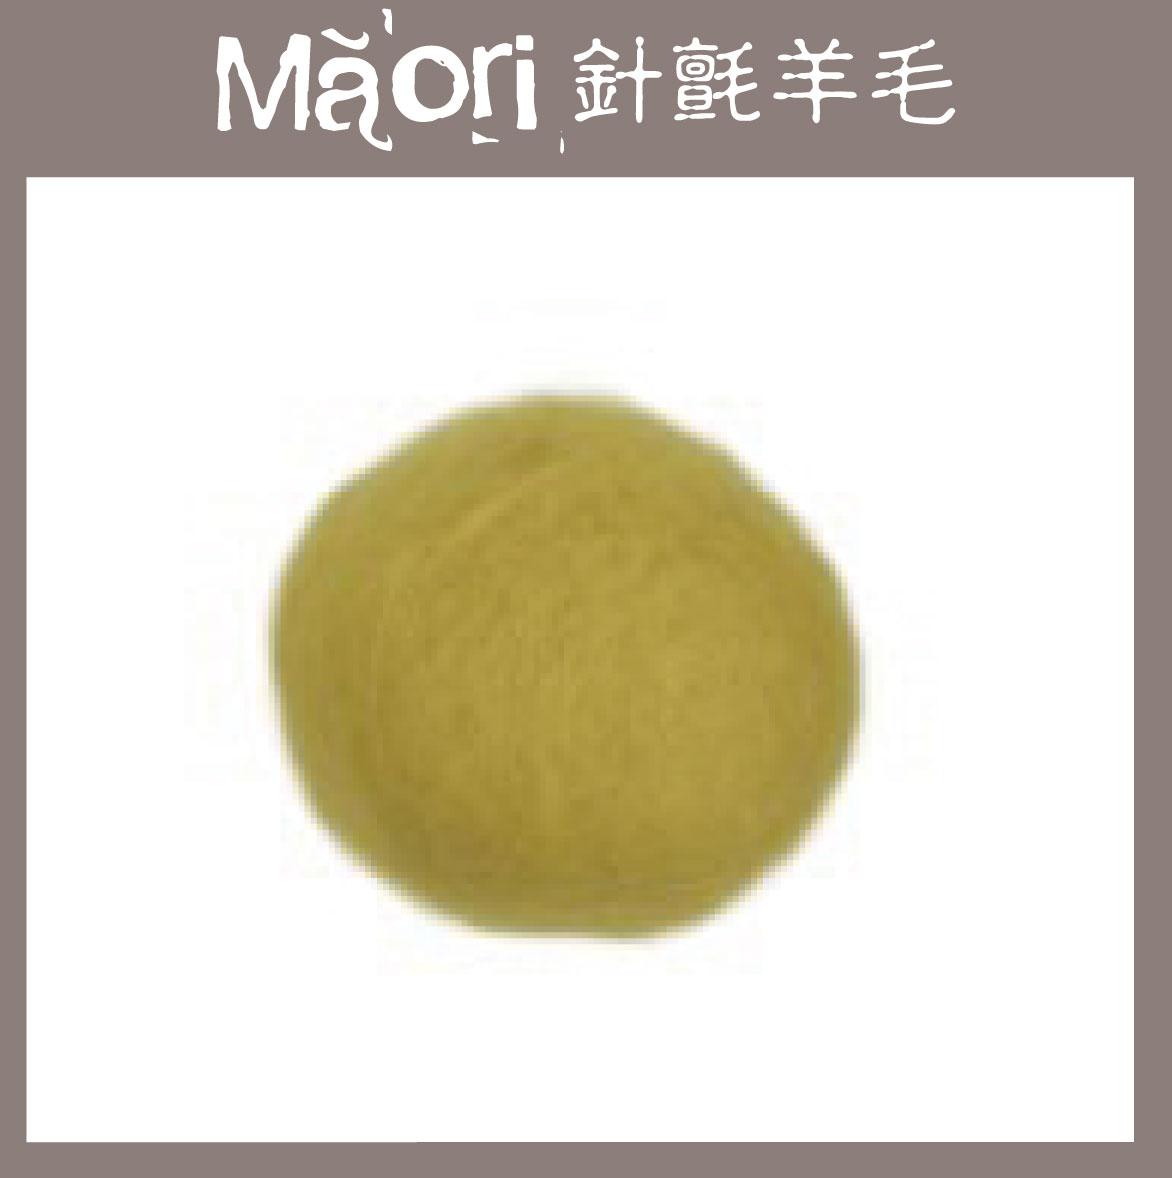 義大利托斯卡尼-Maori針氈羊毛DMR401佛手柑